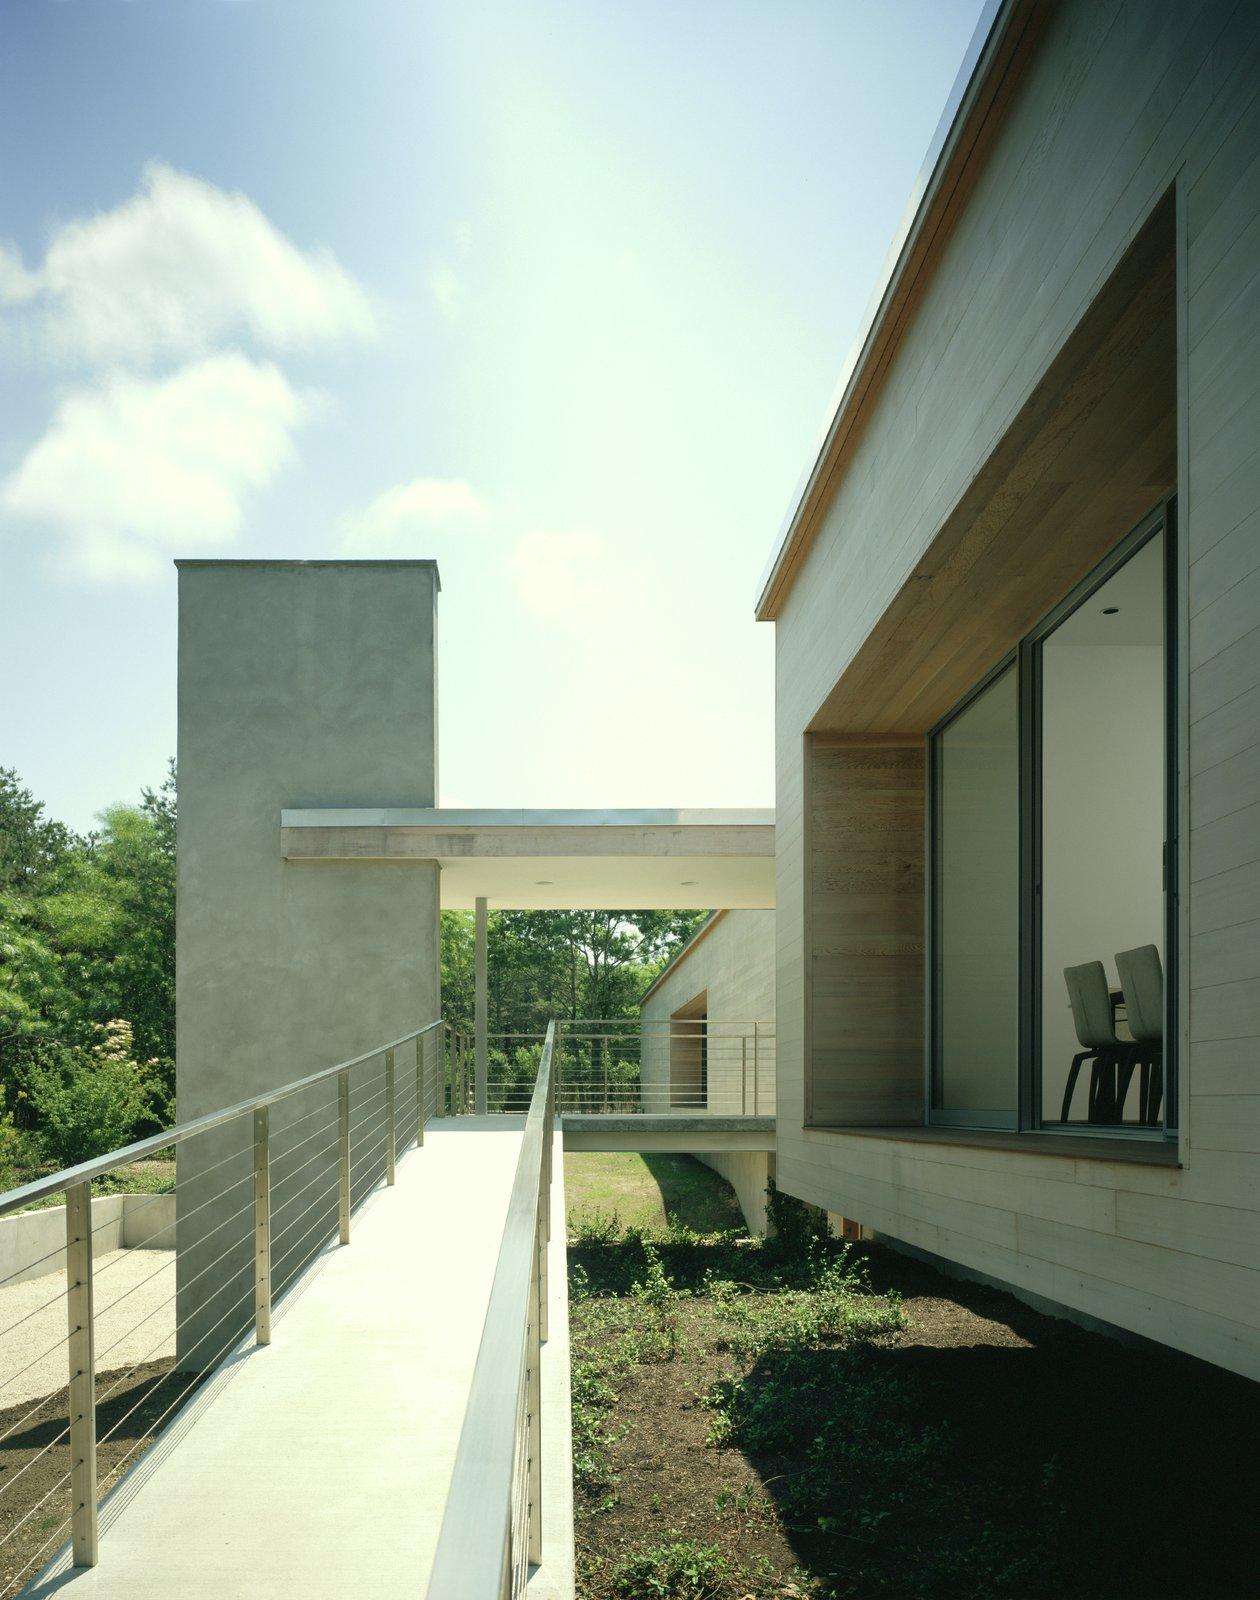 Outdoor, Decking Patio, Porch, Deck, and Walkways  Sagaponac House by Hariri & Hariri Architecture